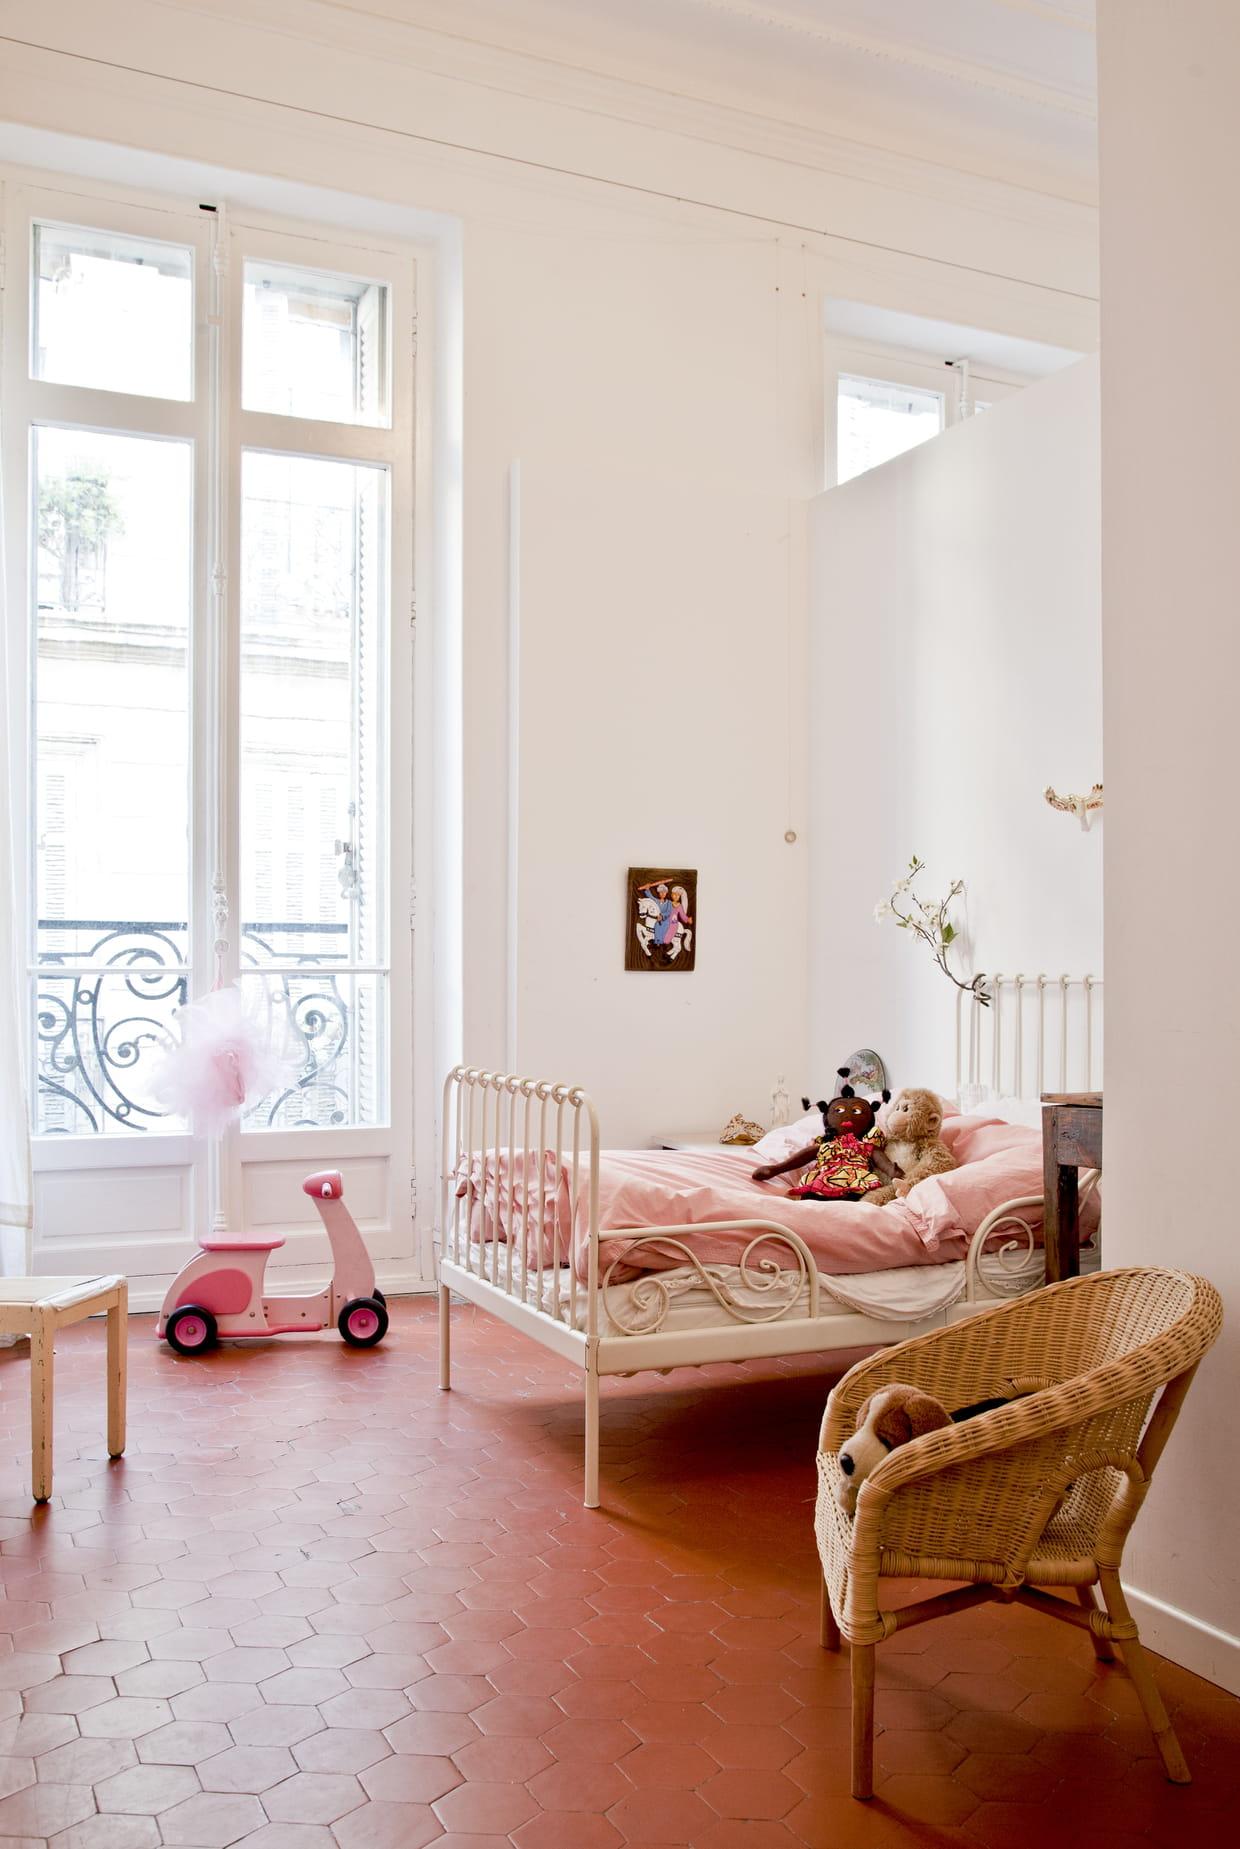 #400804 Avec Lit En Fer Forgé 1551 chambre petite fille lit fer forgé 1240x1849 px @ aertt.com